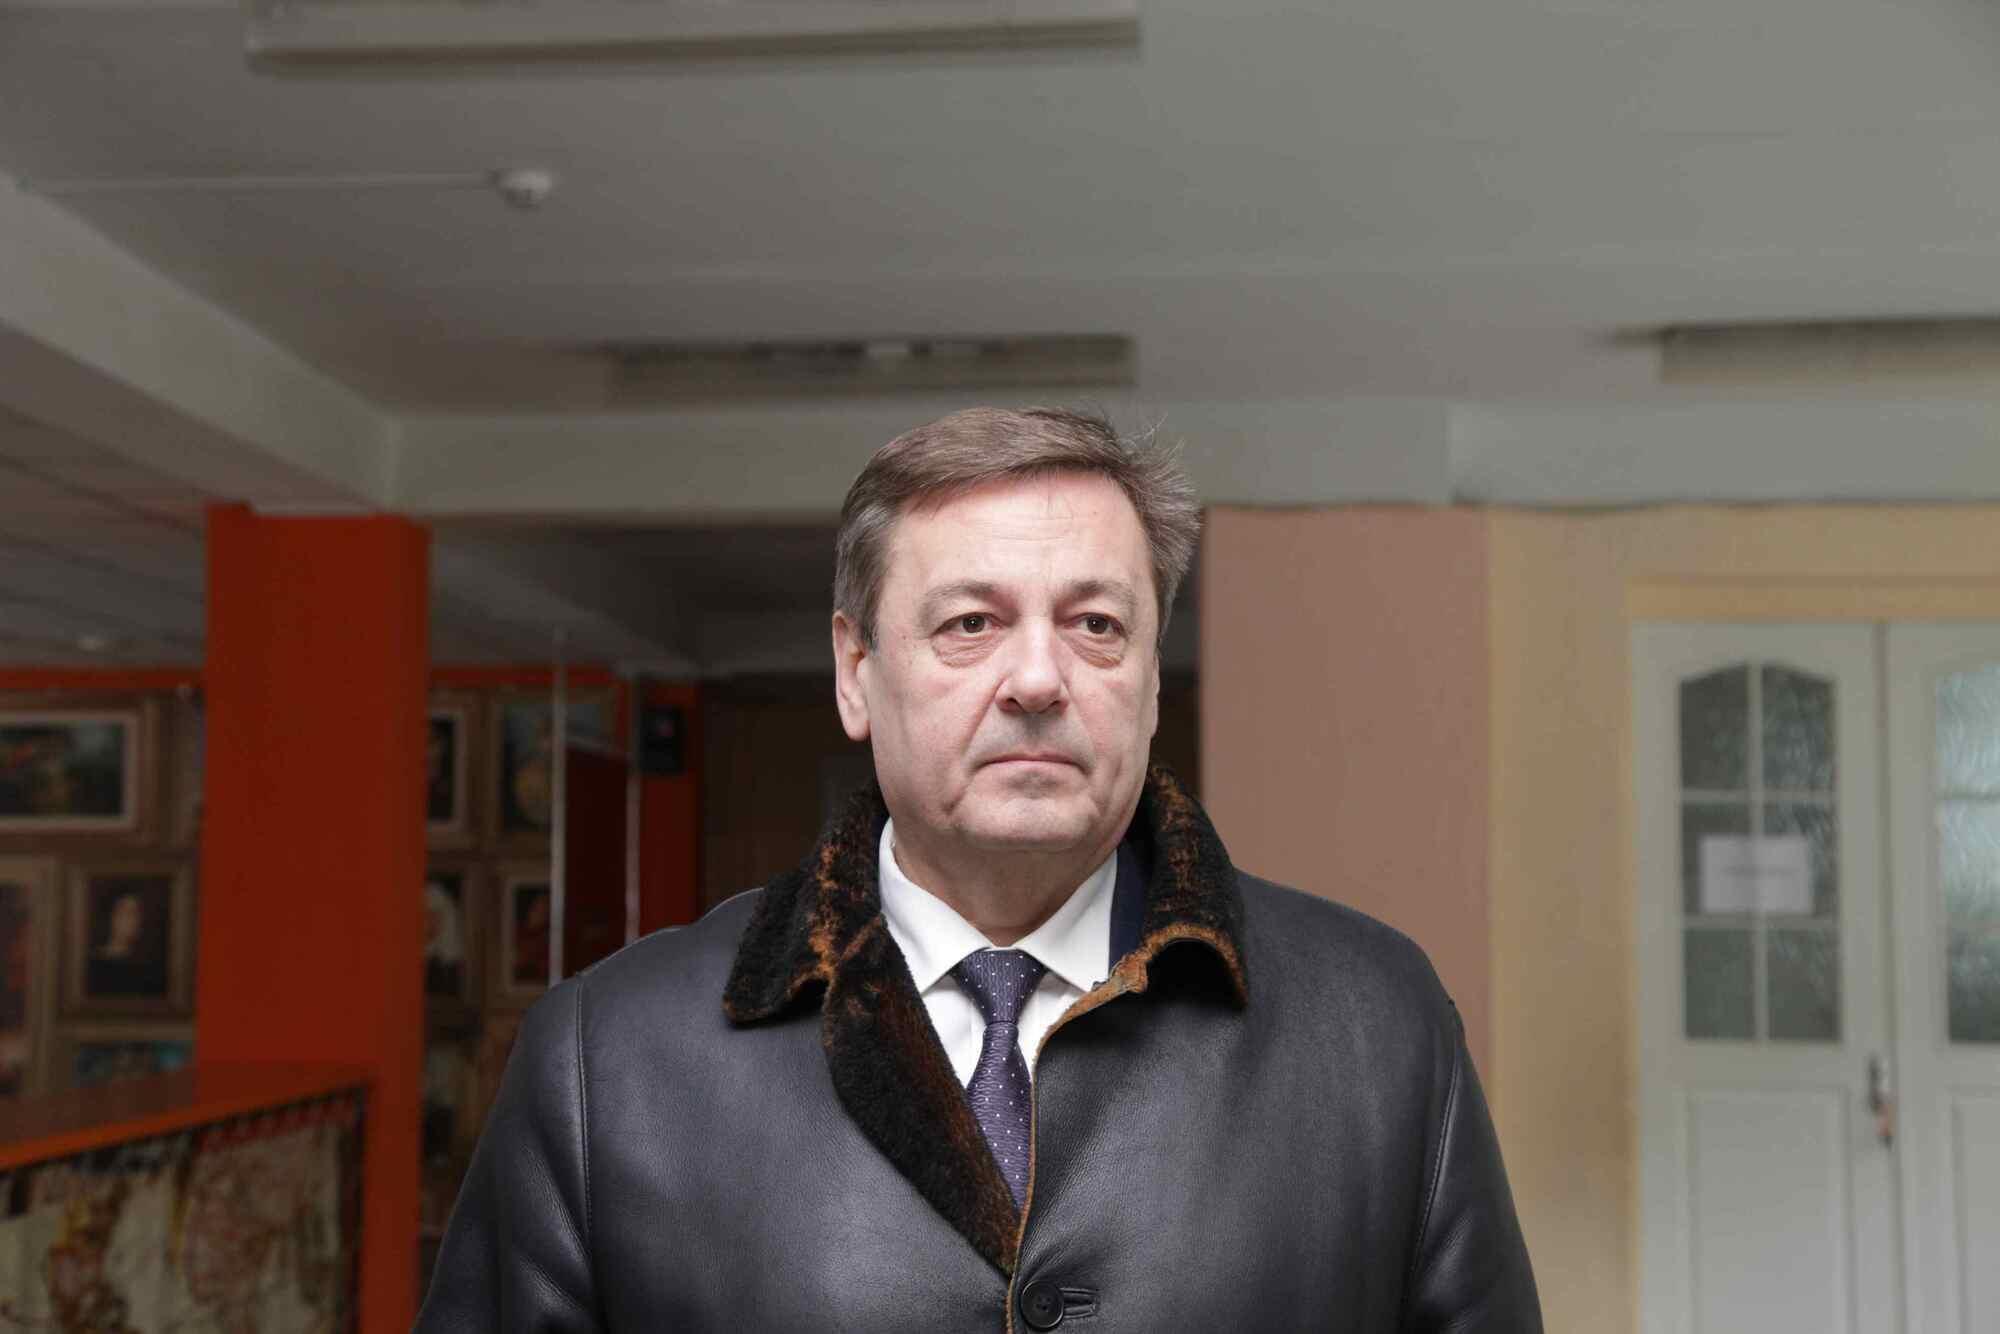 И. о. начальника отдела технического надзора при департаменте гуманитарной политики городского совета Александр Аджимян рассказал о причинах реконструкции школы